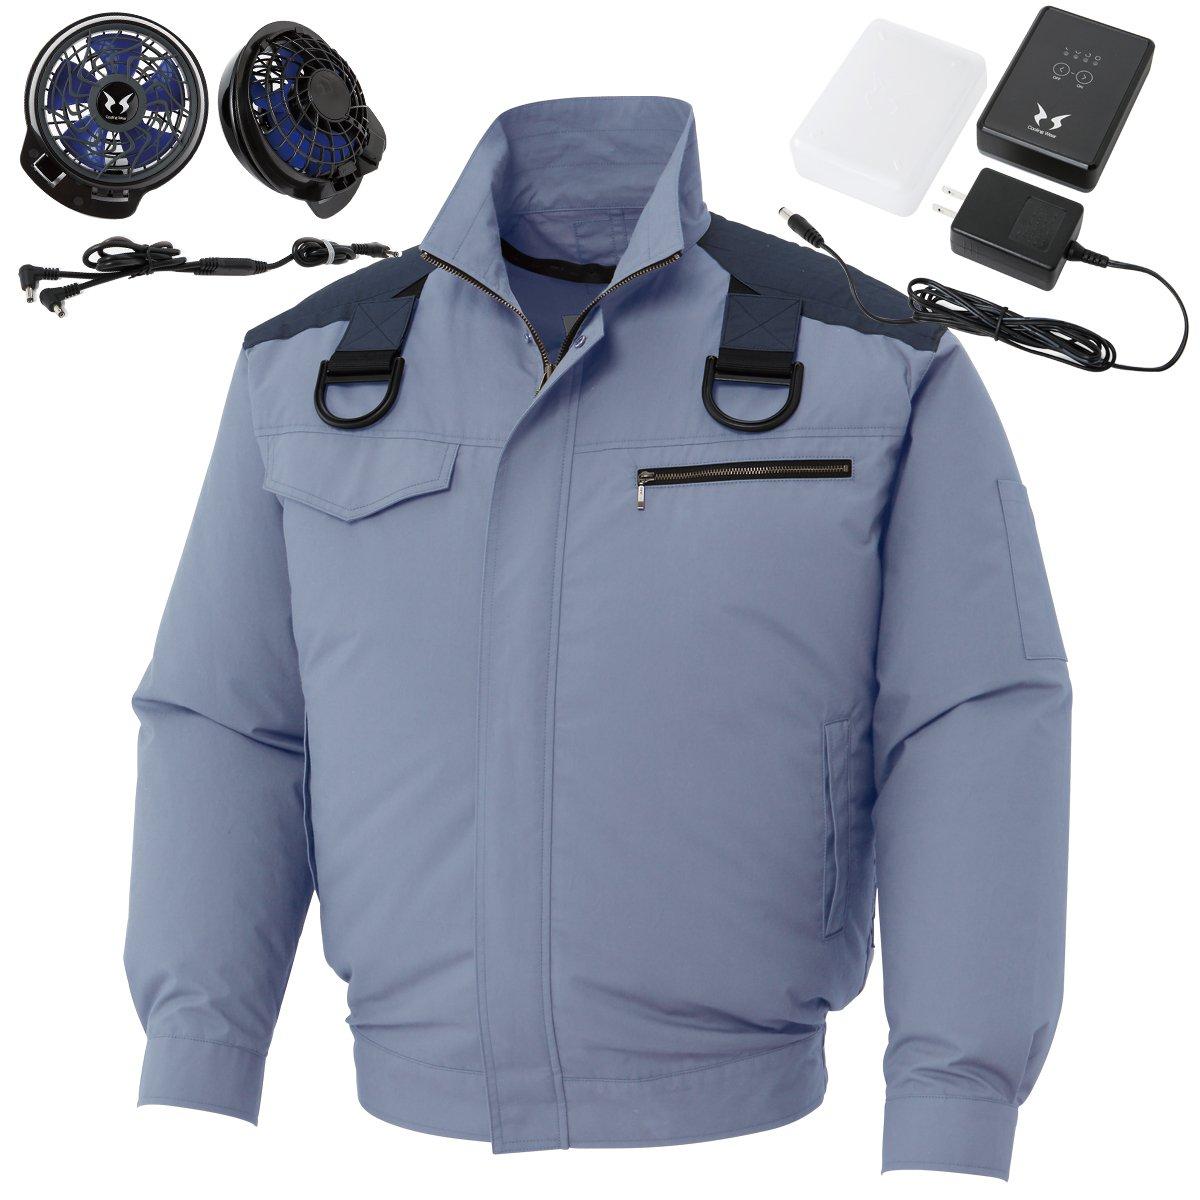 フルハーネス用 空調服 空調風神服 2017年新商品 肩パット付綿100% ブルゾン(2017年最新型/日本製/リチウムイオンバッテリー/新型ファン)<099-KU93504F> B06Y4WNPPY M|7-ブルーグレー 7-ブルーグレー M